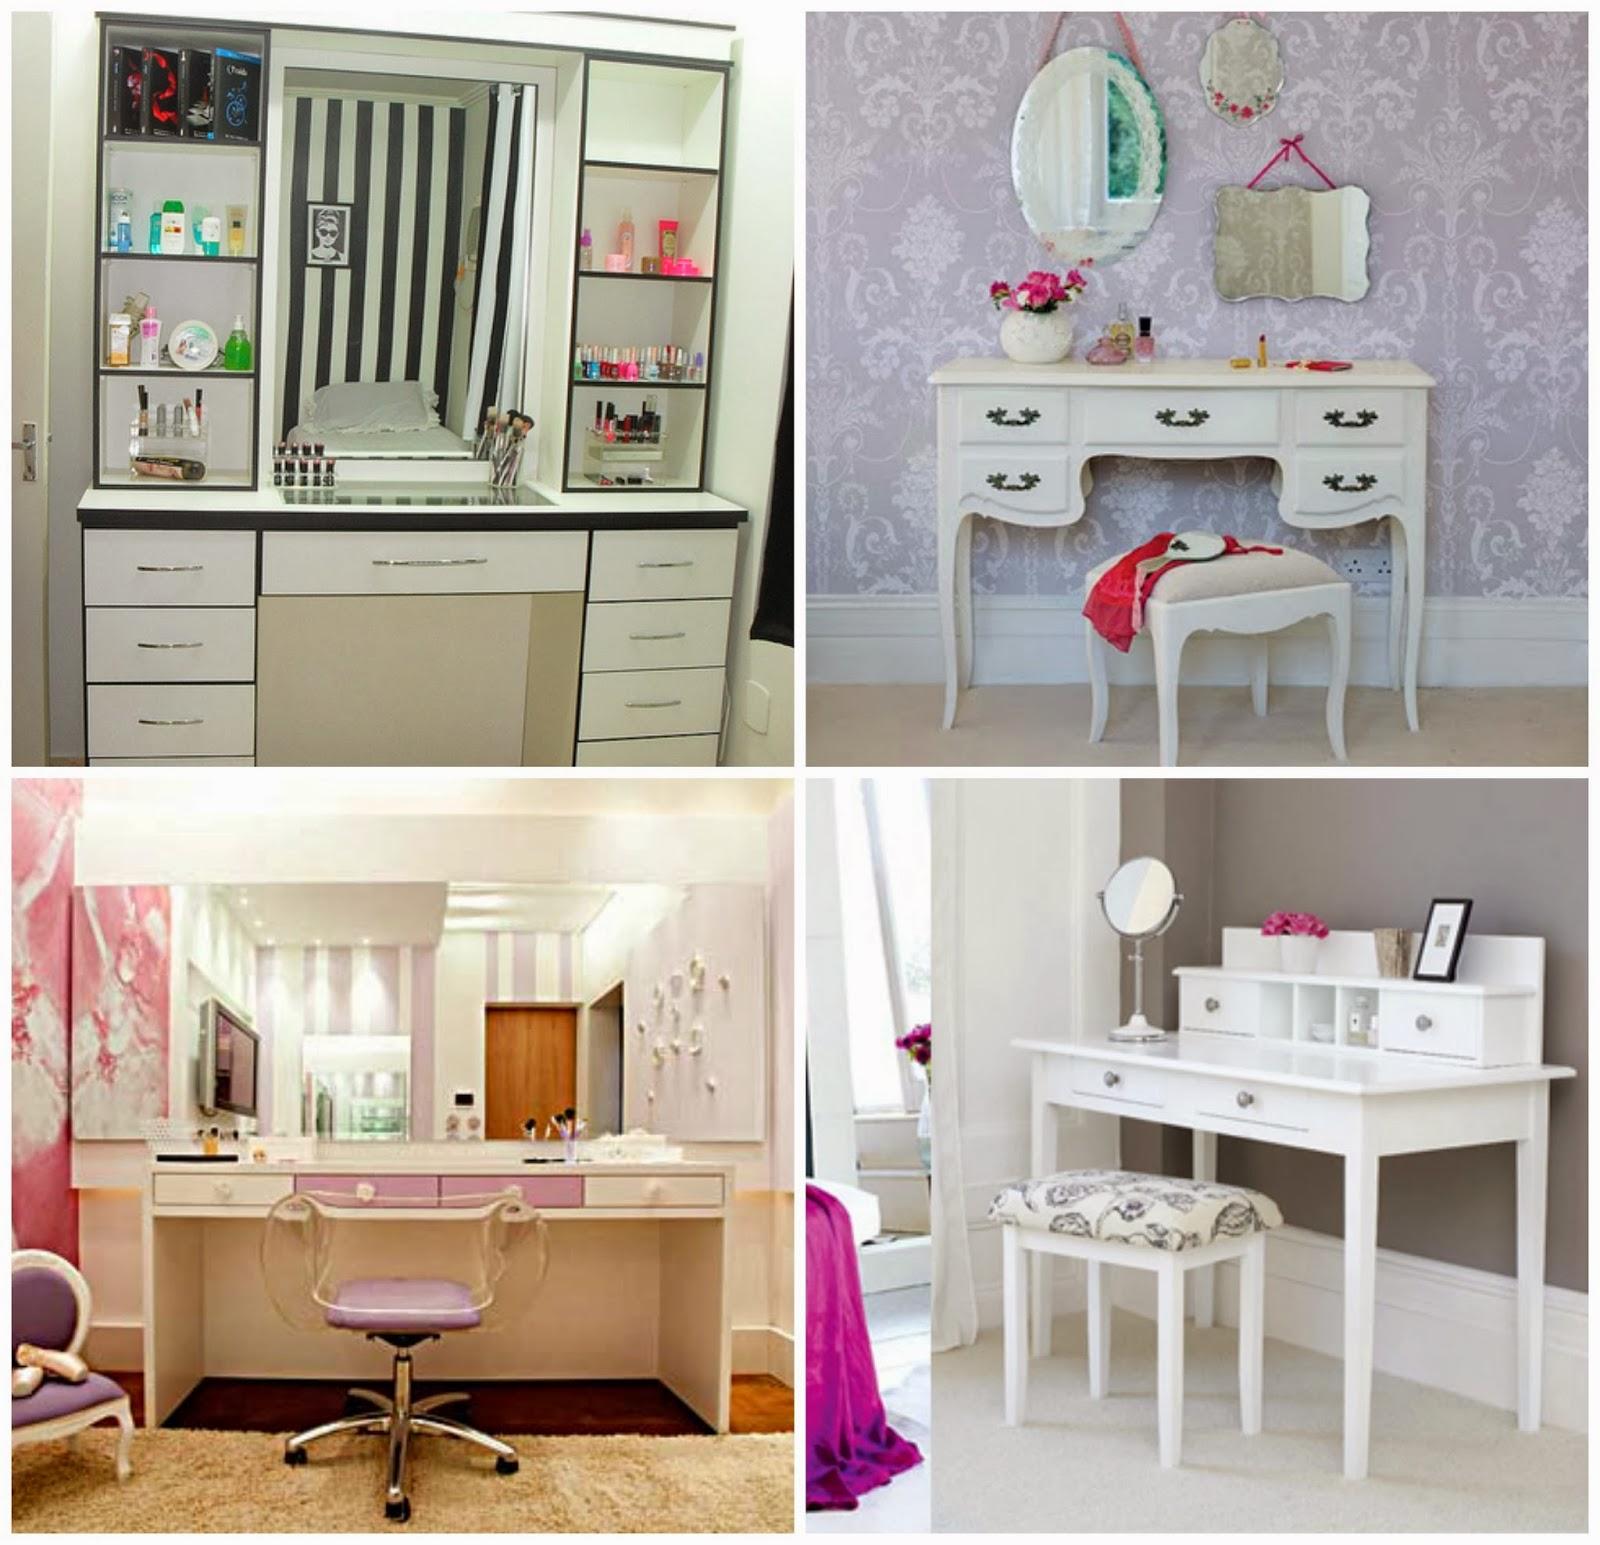 Blog Pam Lepletier: Inspiração: Penteadeiras #956736 1600x1545